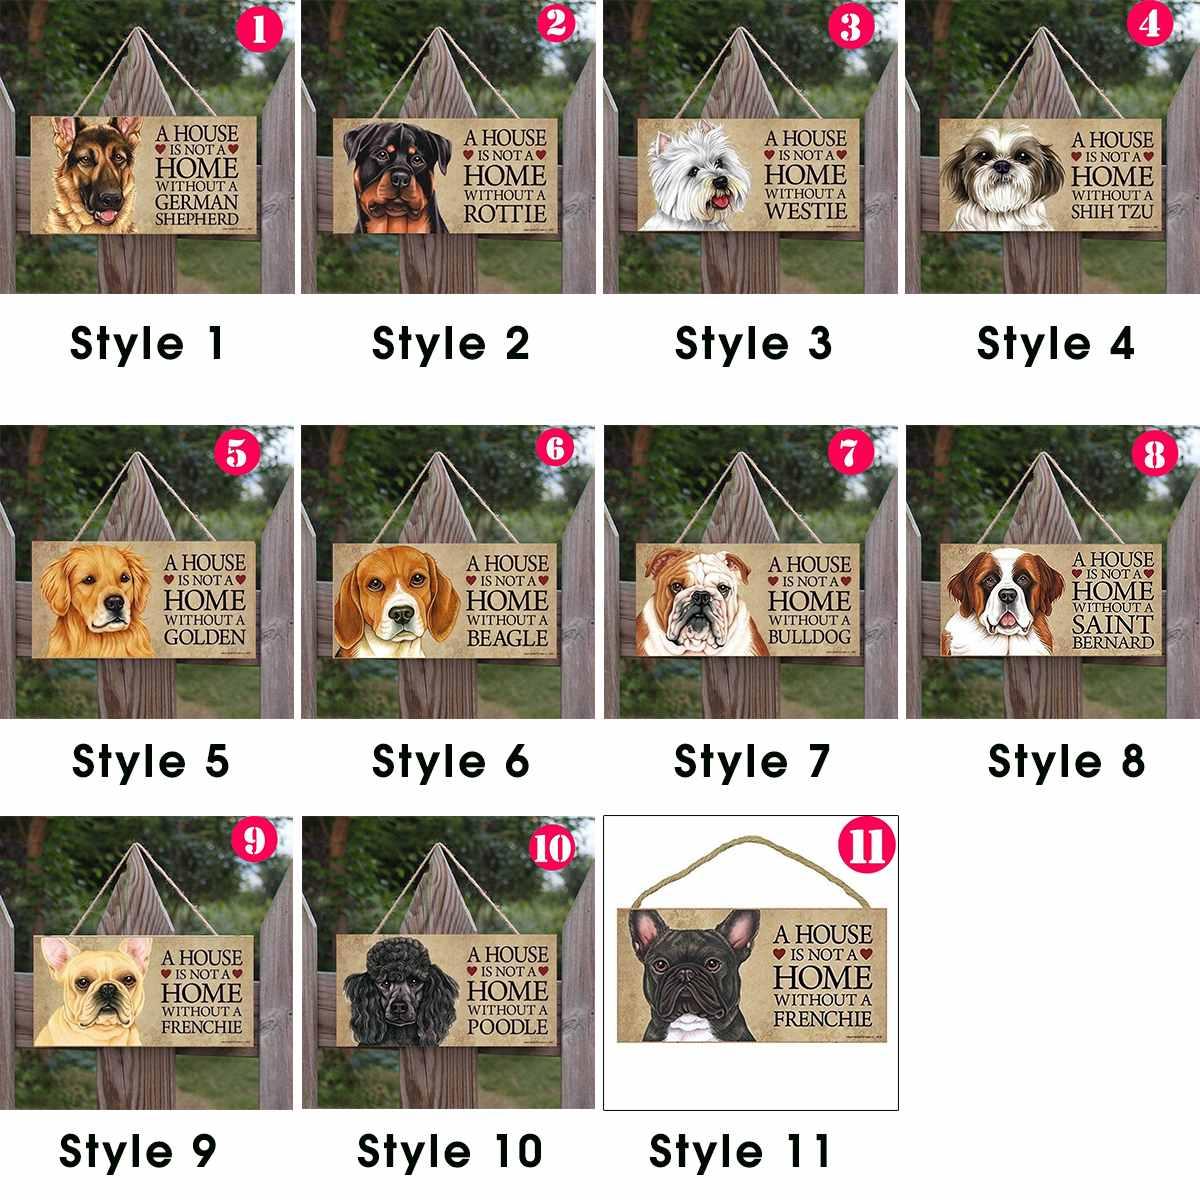 Elige la Raza de tu Perro o Gato Preferido y Decora tu casa Texto Frase en Espa/ñol. Cartel Decorativo de Madera American Standford Regalo Detalle Original para Amantes de los Animales y Mascotas